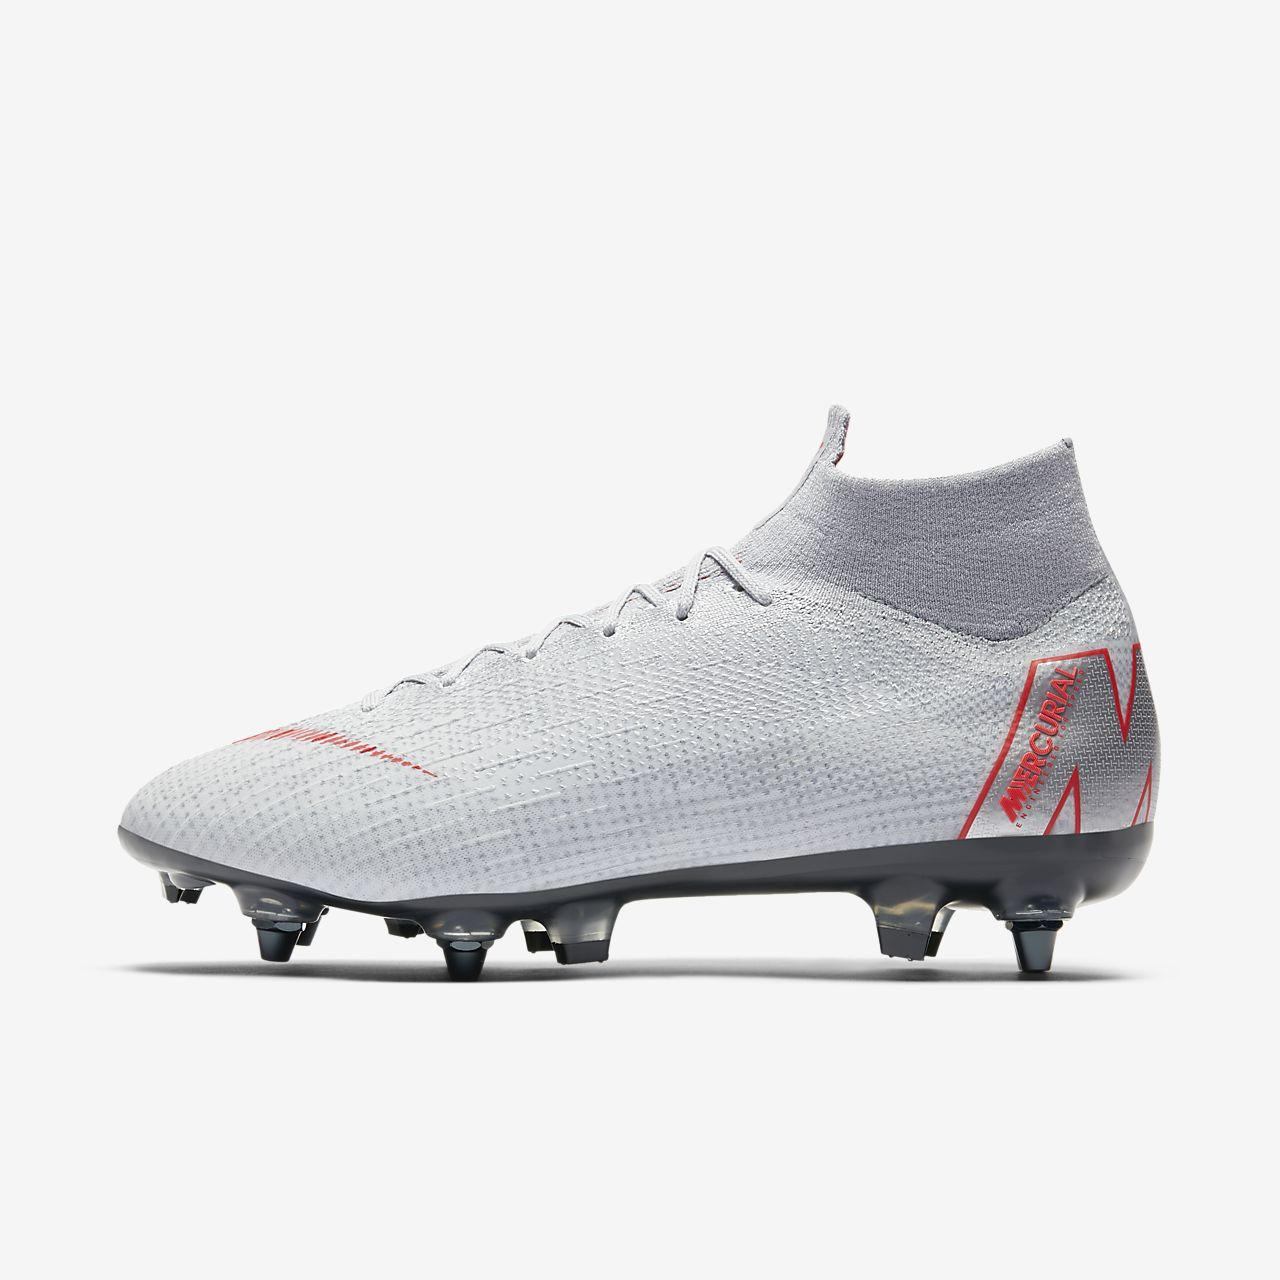 ... free shipping calzado de fútbol para terreno blando nike mercurial  superfly 360 elite sg pro anti 3fd2e3025d267